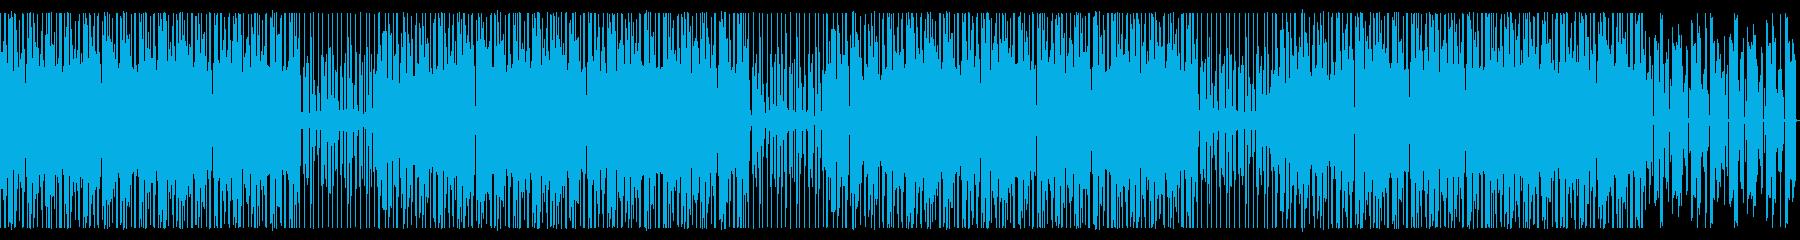 シティ TRPG 事件調査 シリアスの再生済みの波形